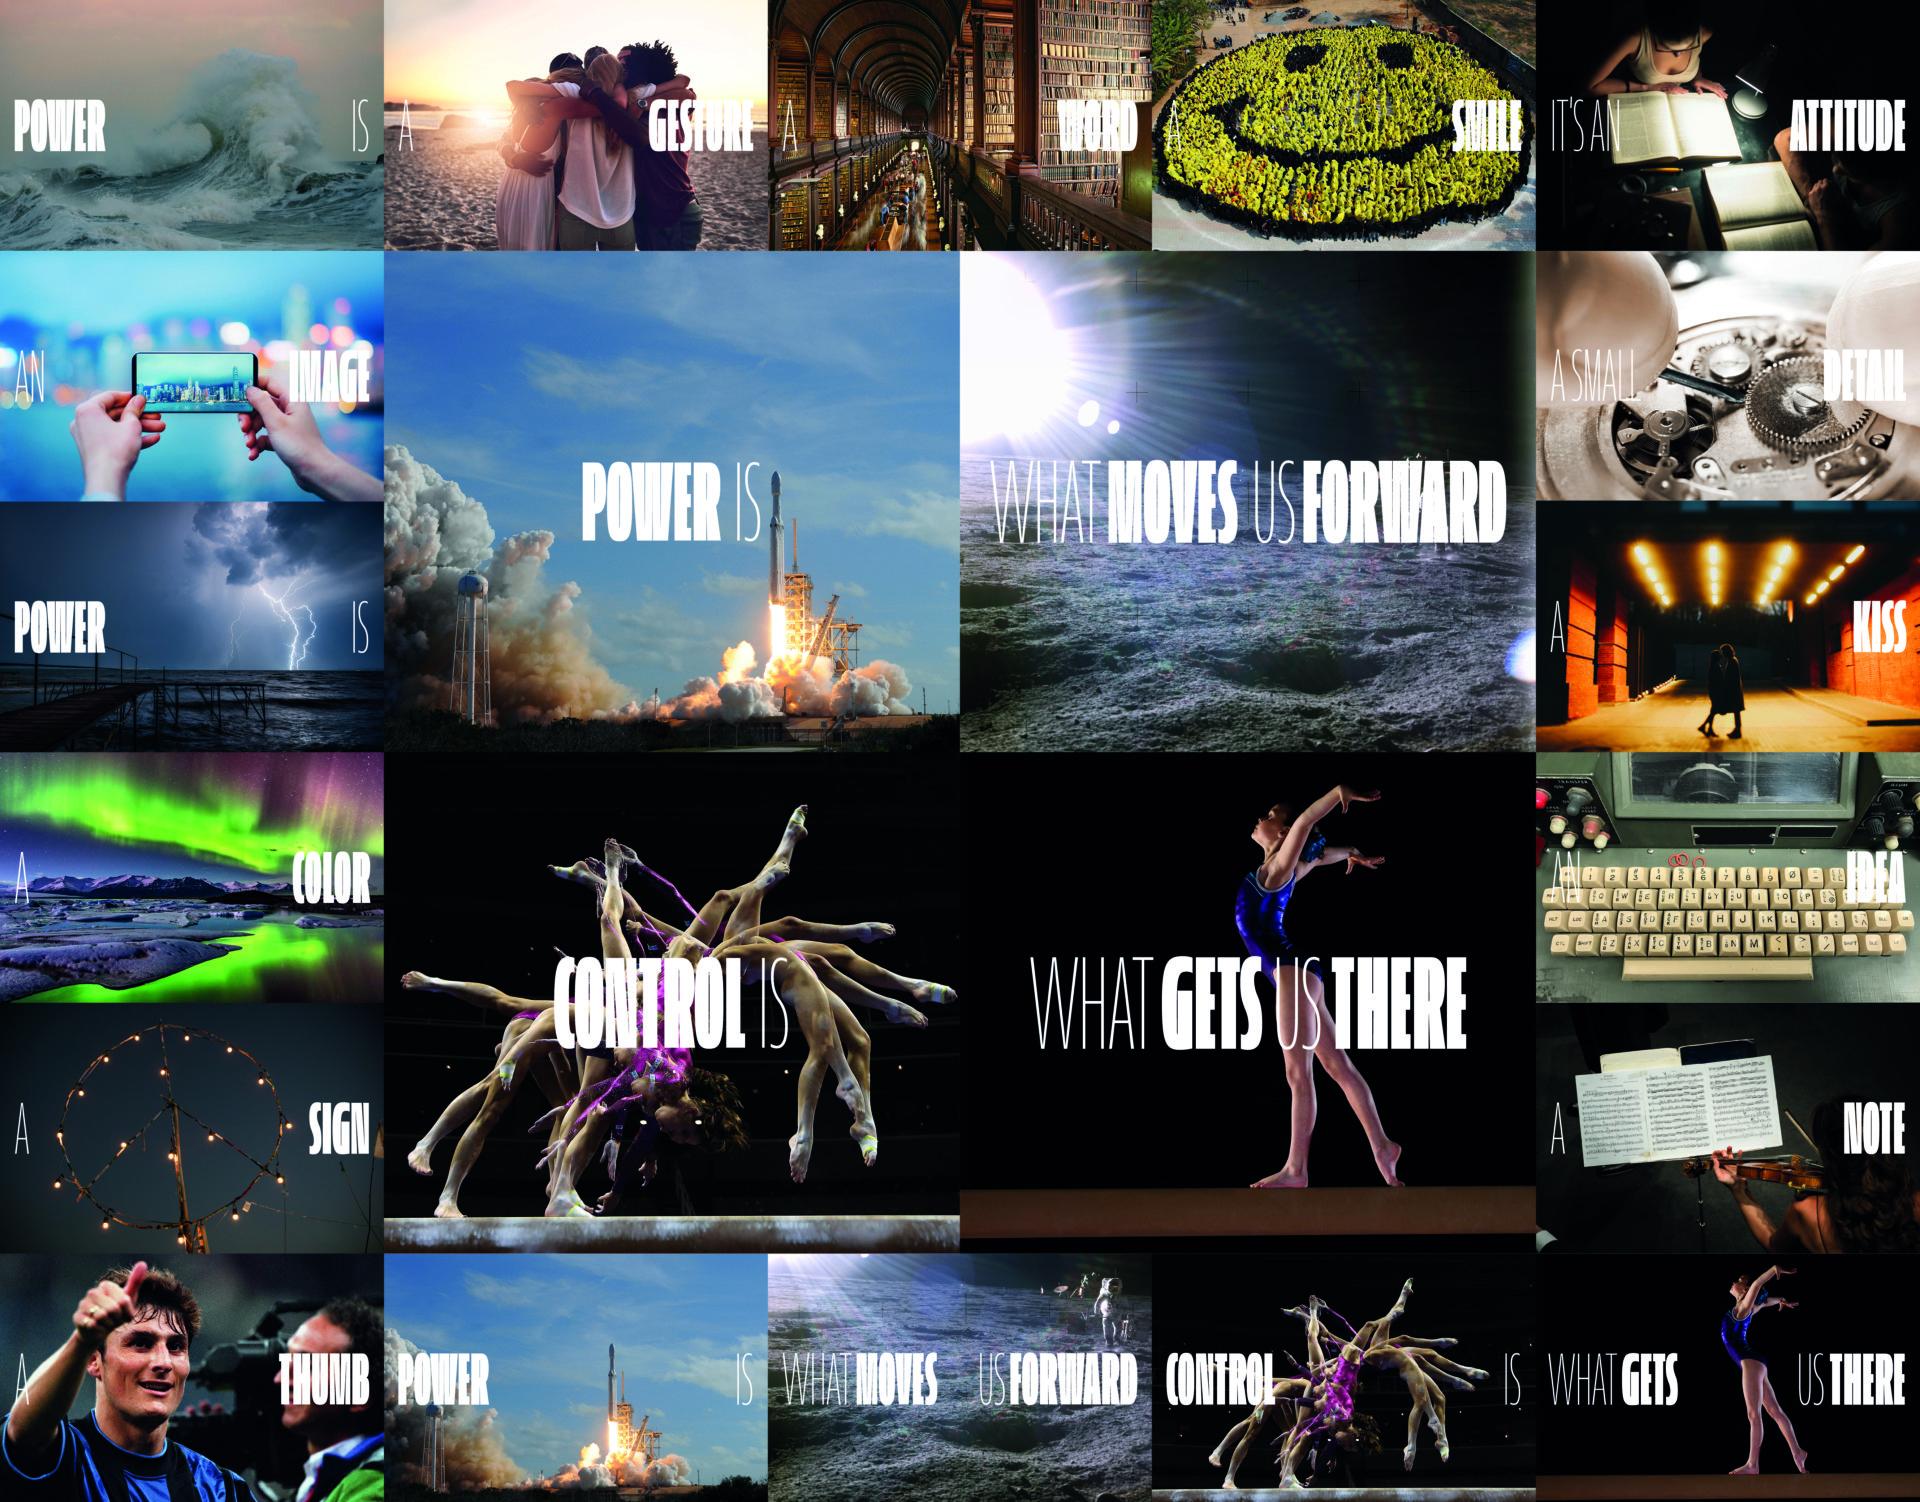 """Un collage di immagini sul concetto dello slogan """"La potenza è nulla senza controllo"""""""